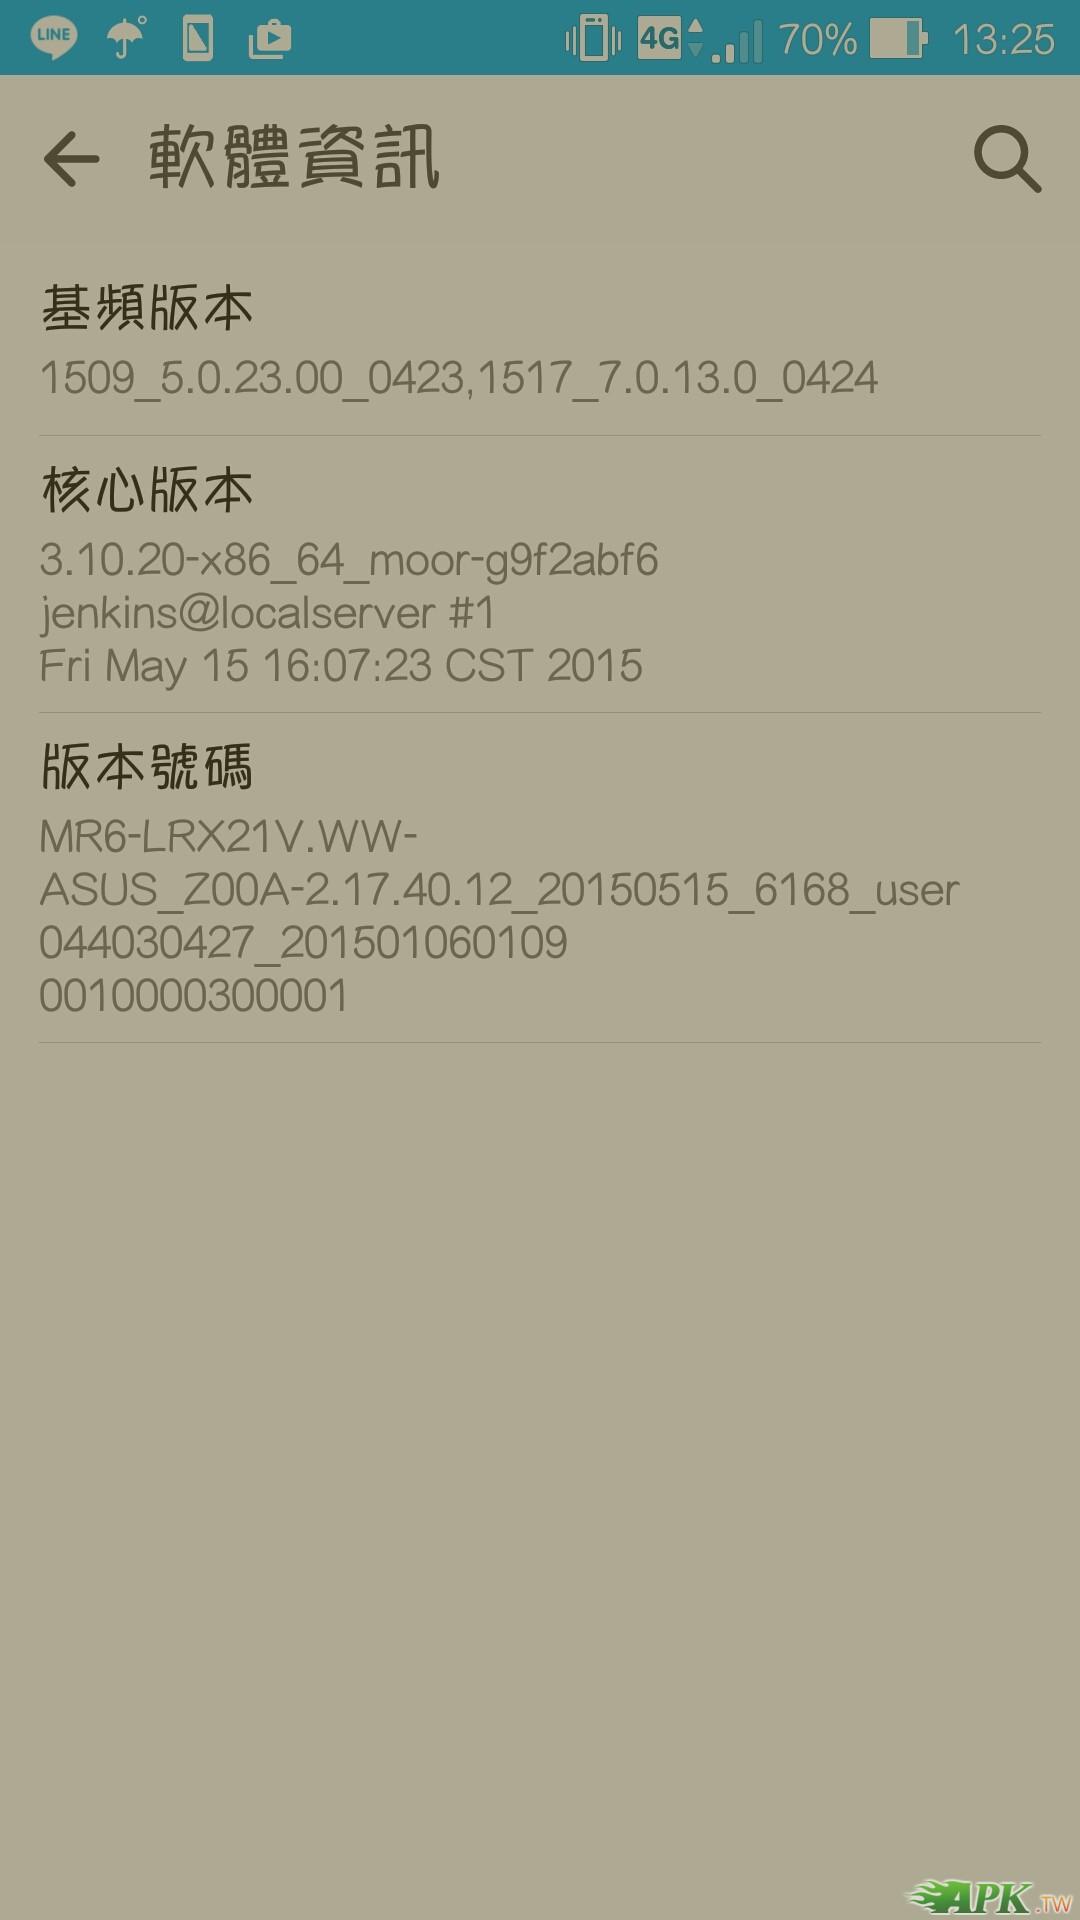 Screenshot_2015-09-08-13-25-04.jpg